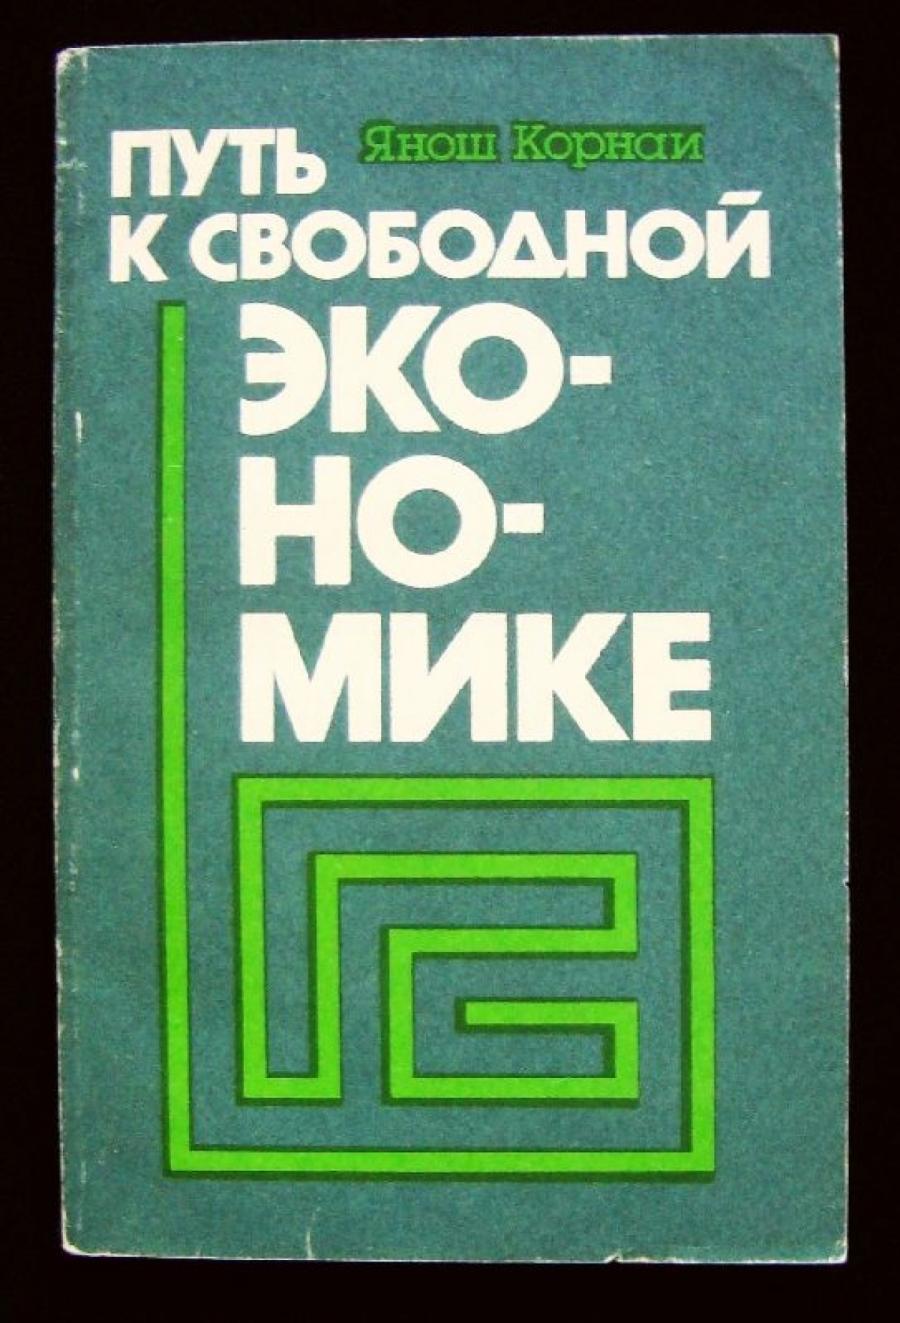 Обложка книги:  янош корнаи - путь к свободной экономике. страстное слово в защиту экономических преобразований